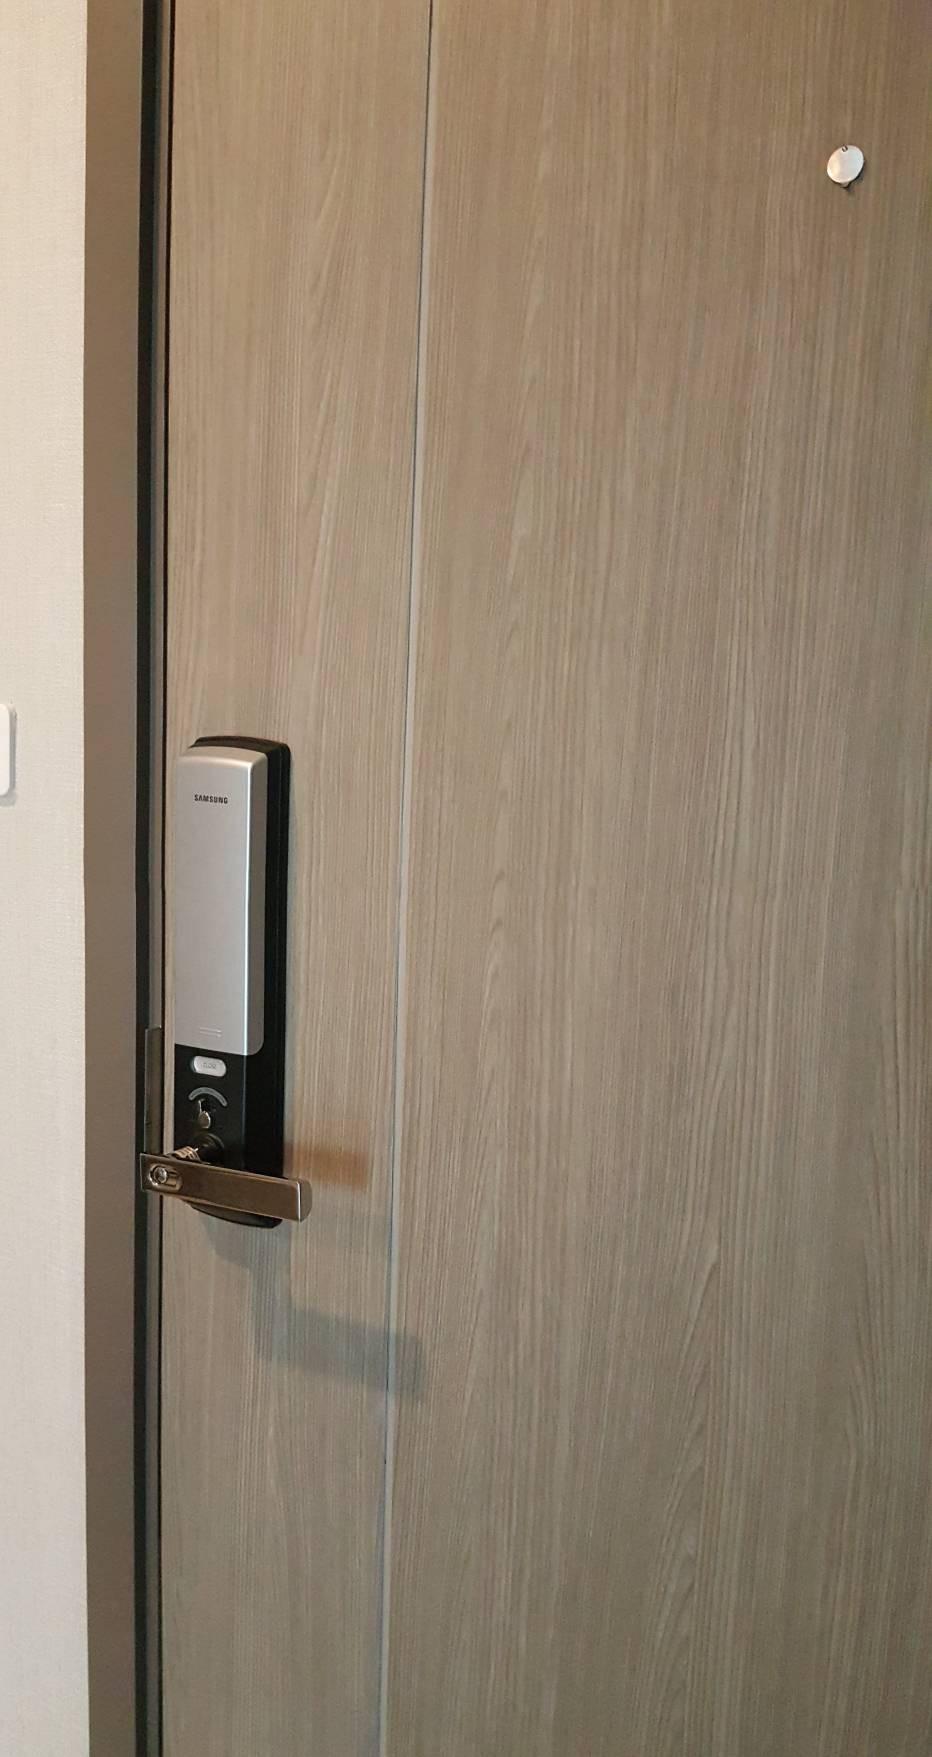 รูปของประกาศเช่าคอนโดไอดีโอ ท่าพระ อินเตอร์เชนจ์(1 ห้องนอน)(4)